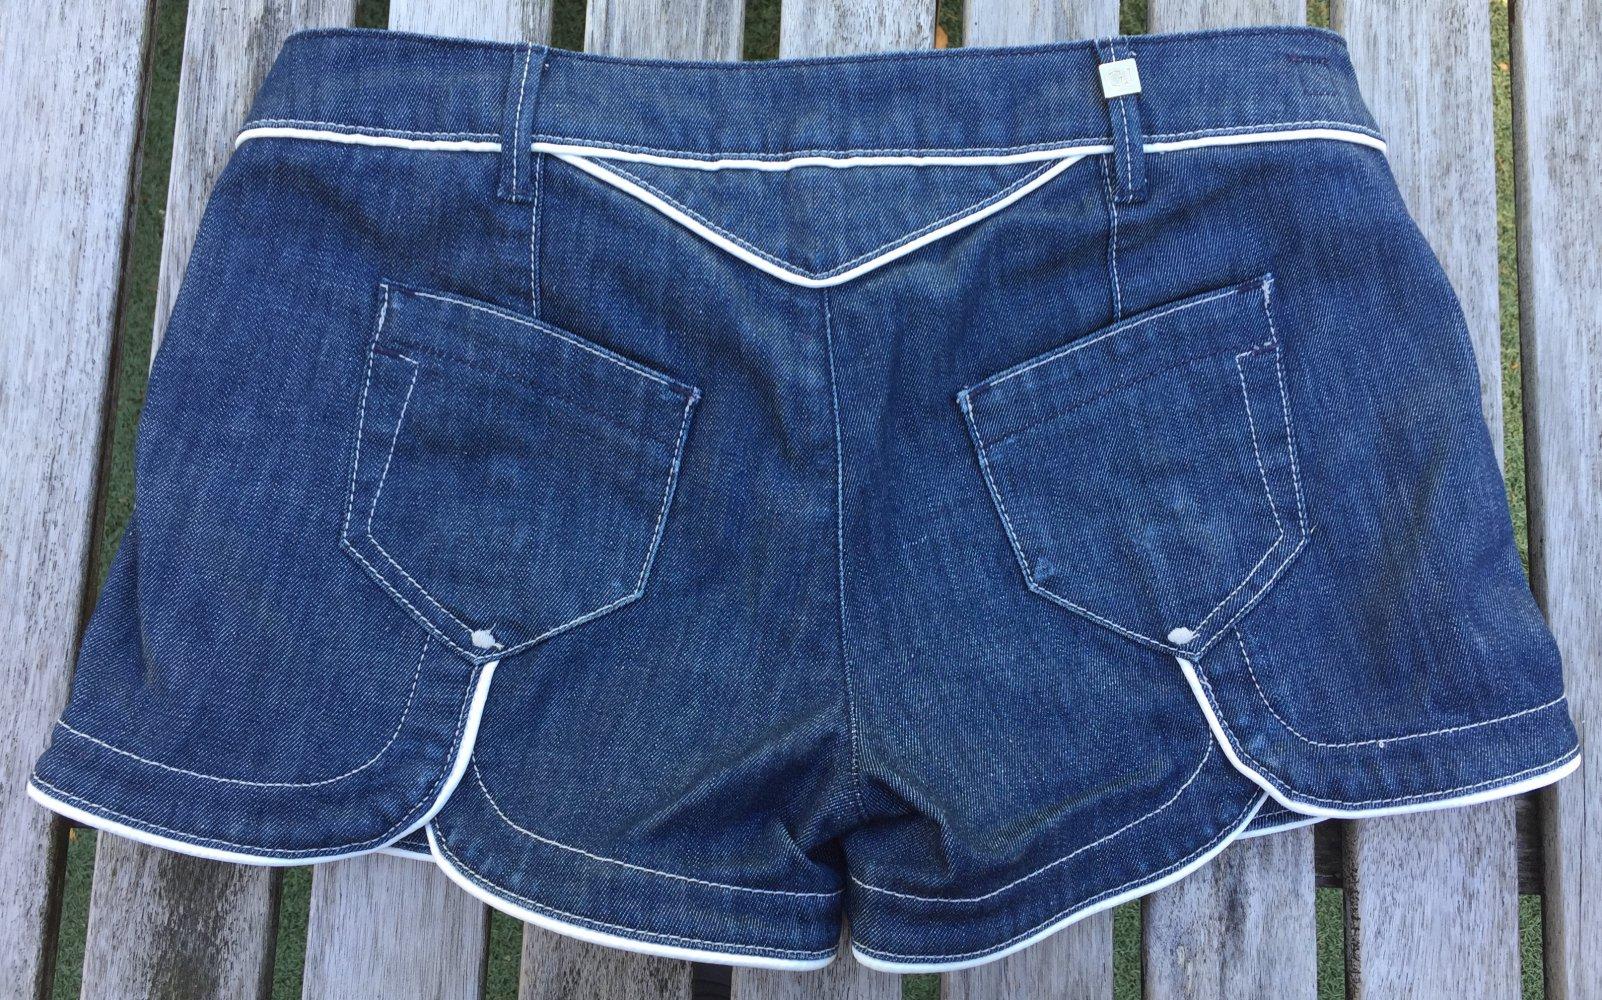 Guess - GUESS JEANS Shorts HOTPANTS Gr. 28    Kleiderkorb.de 65fdbcb0fb